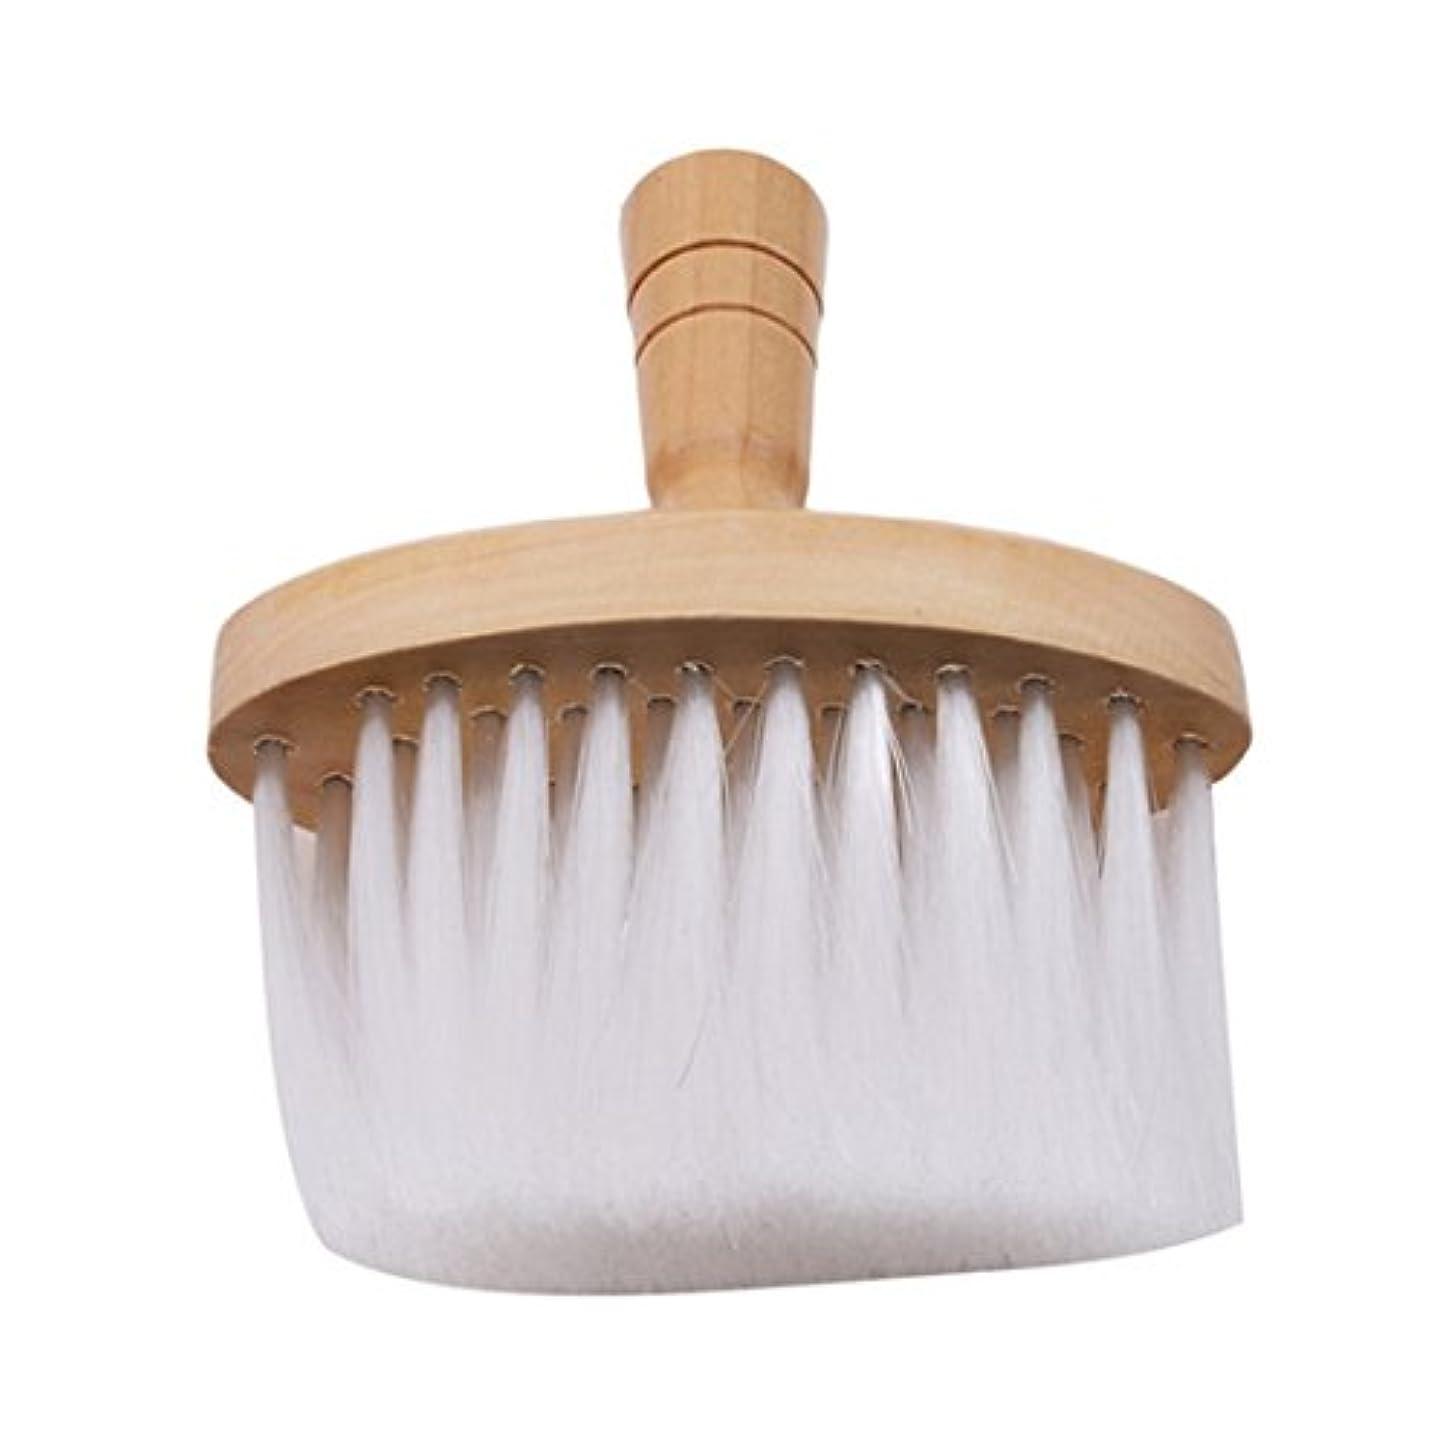 章あなたは可塑性VWHプロフェッショナルバーバーブラシ 木製ネックフェイスブラシサロンネックダスターブラシ 理髪 ヘアカット